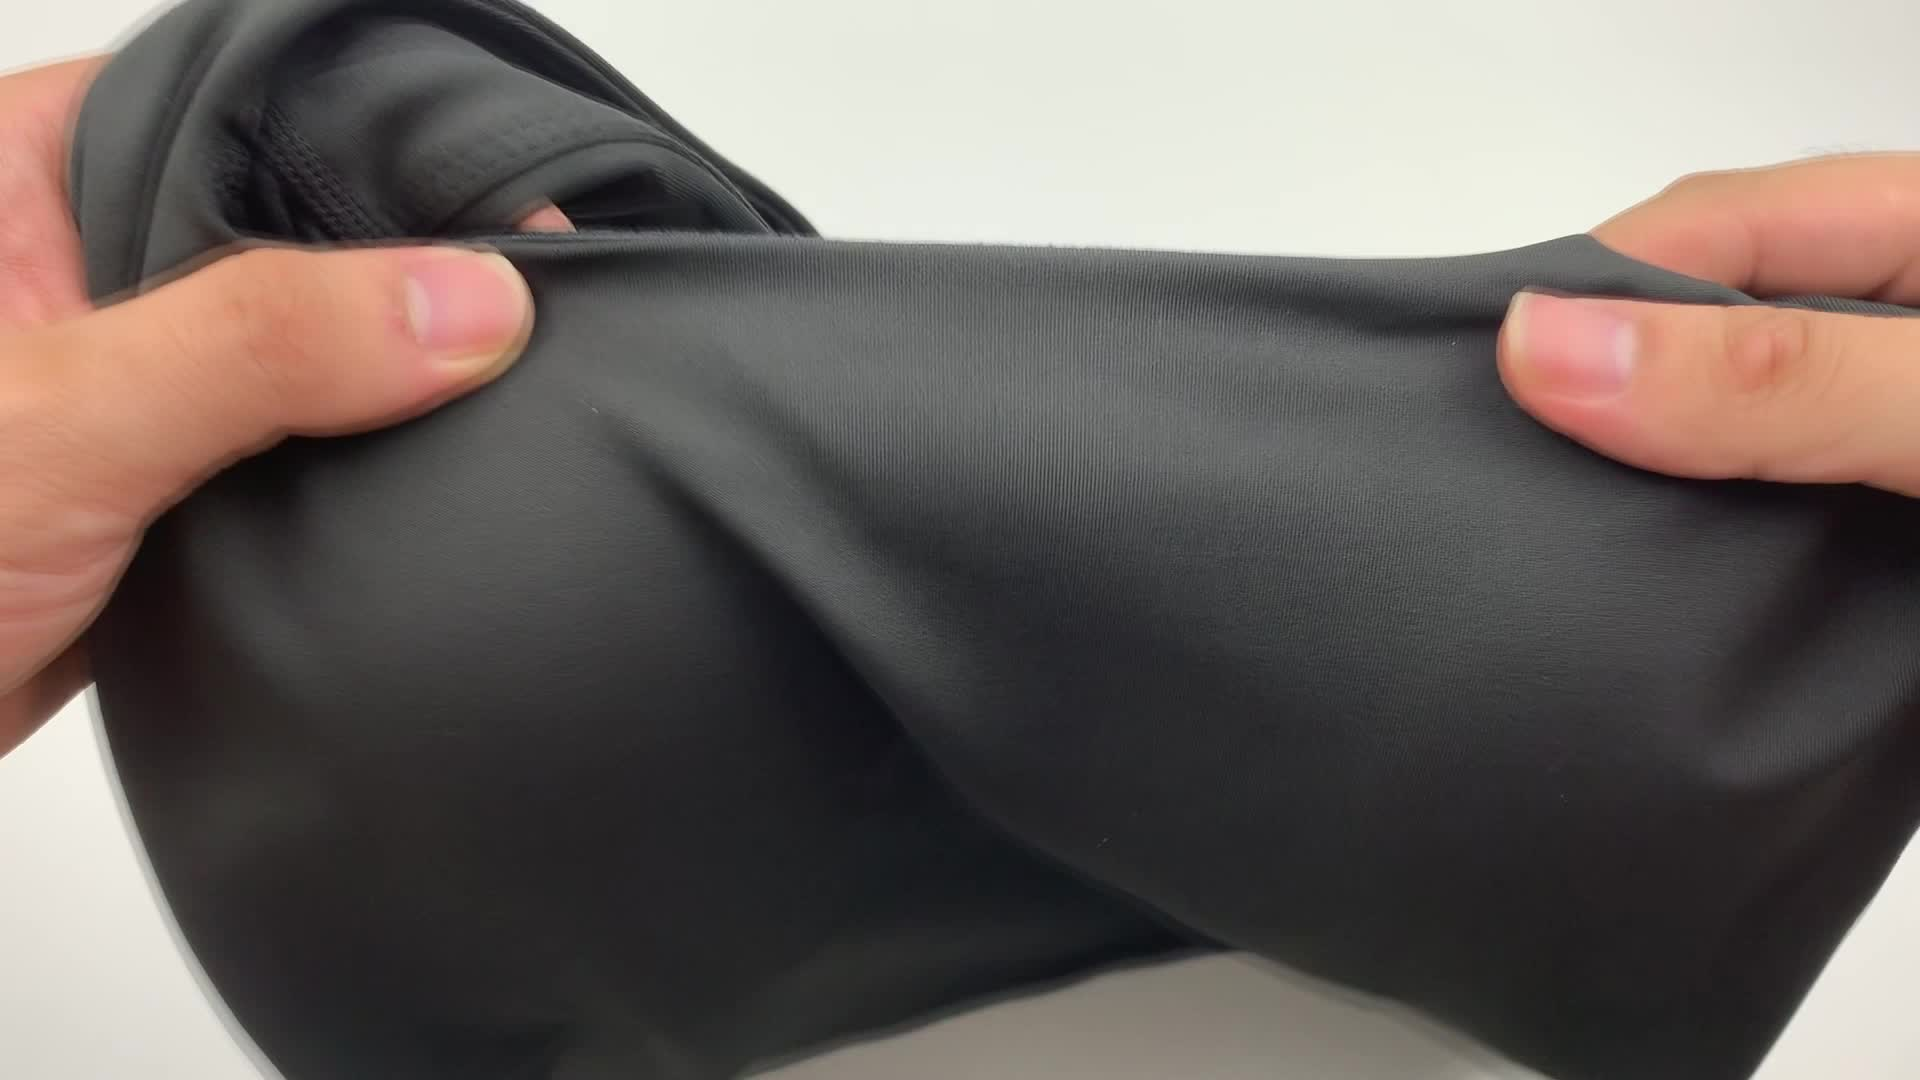 Commercio all'ingrosso delle donne sexy back usura di ginnastica in bianco personalizzato pianura superiore di carro armato delle donne